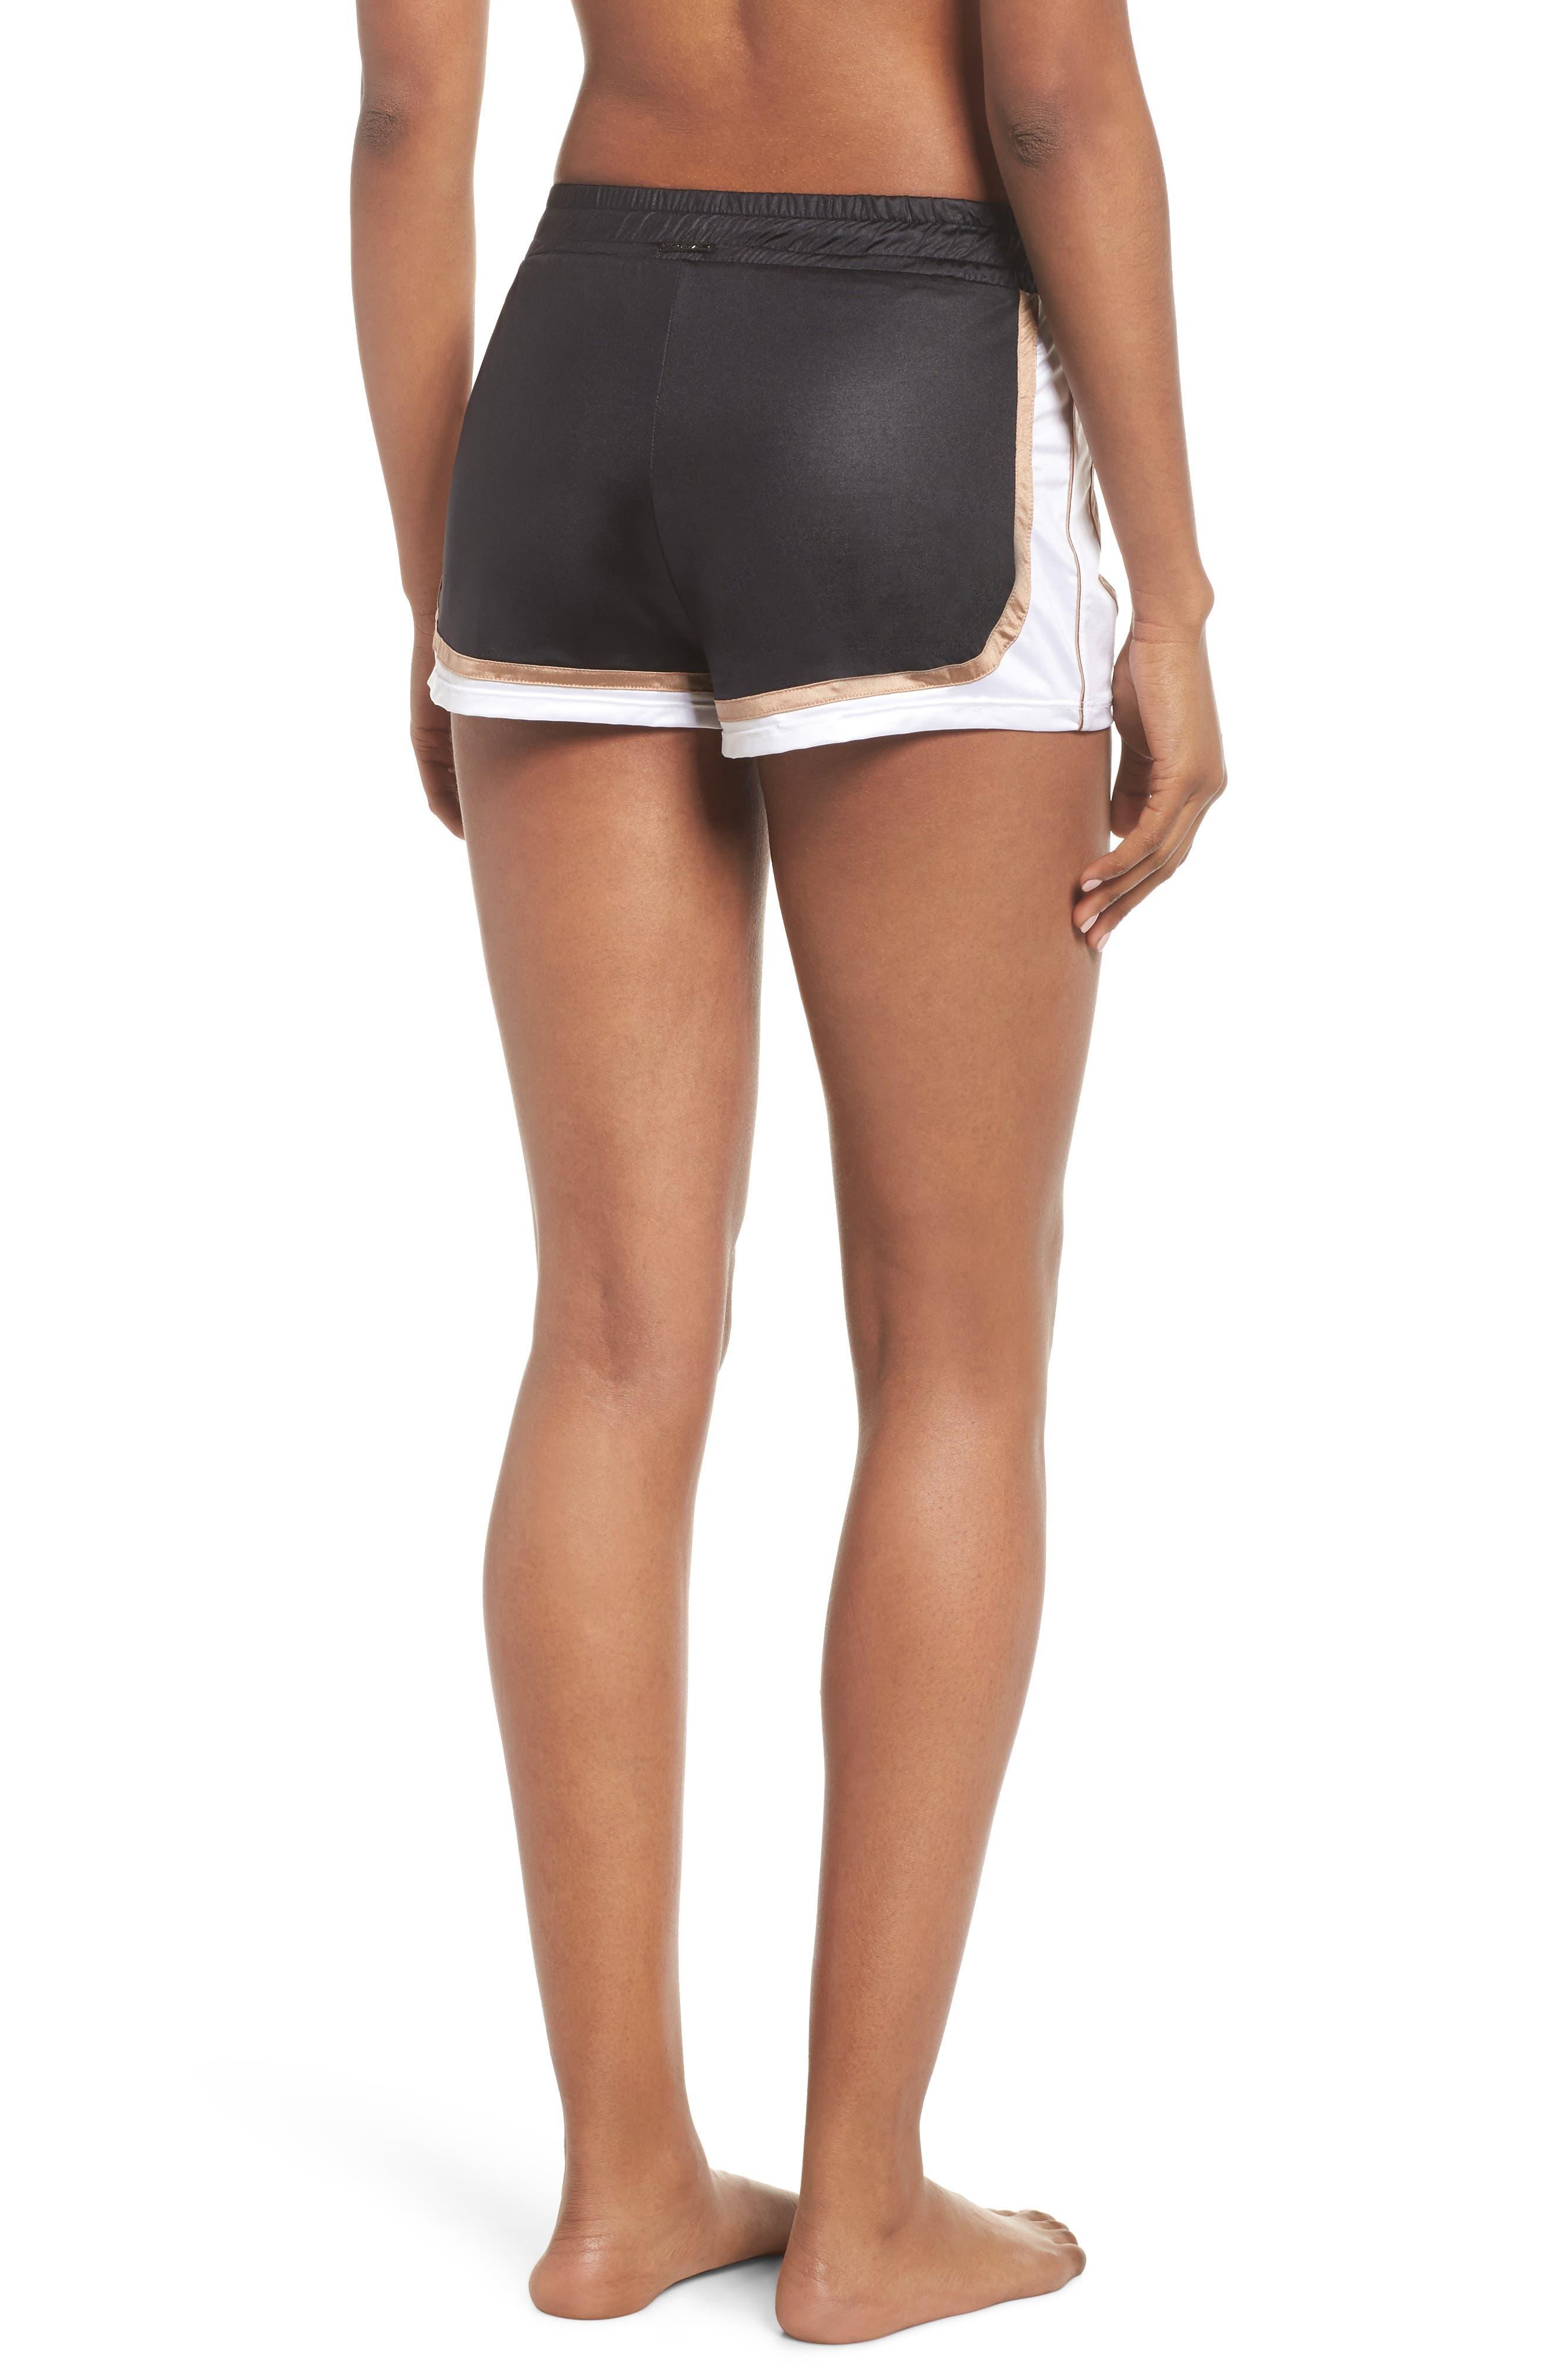 Blackout Shorts,                             Alternate thumbnail 2, color,                             BLACK/ NUDE/ WHITE